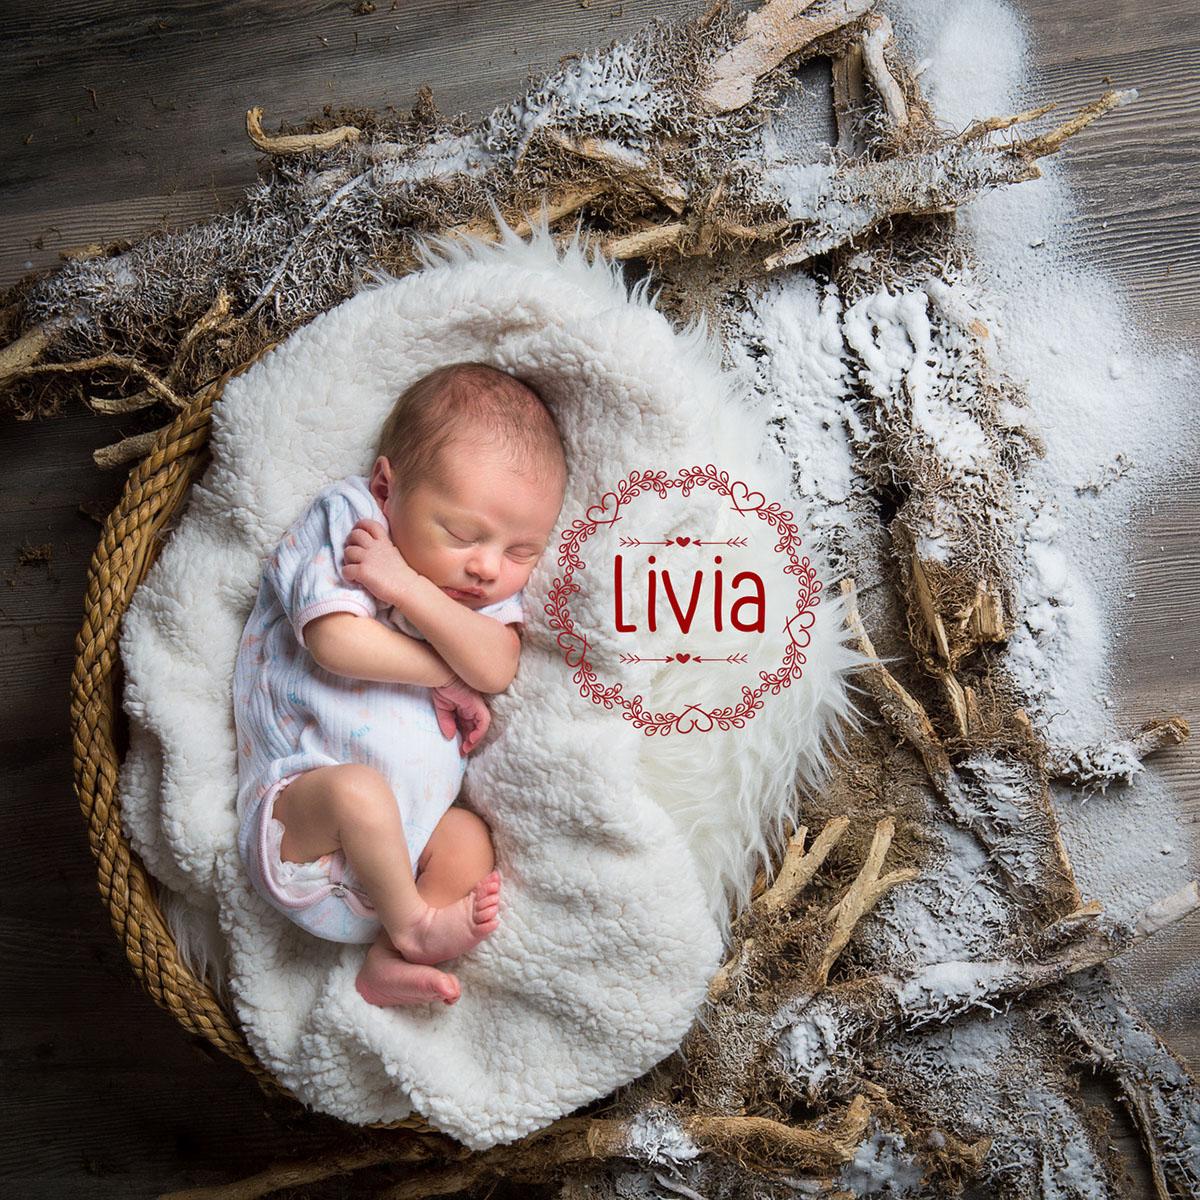 SG4_5087_livia rossa_web